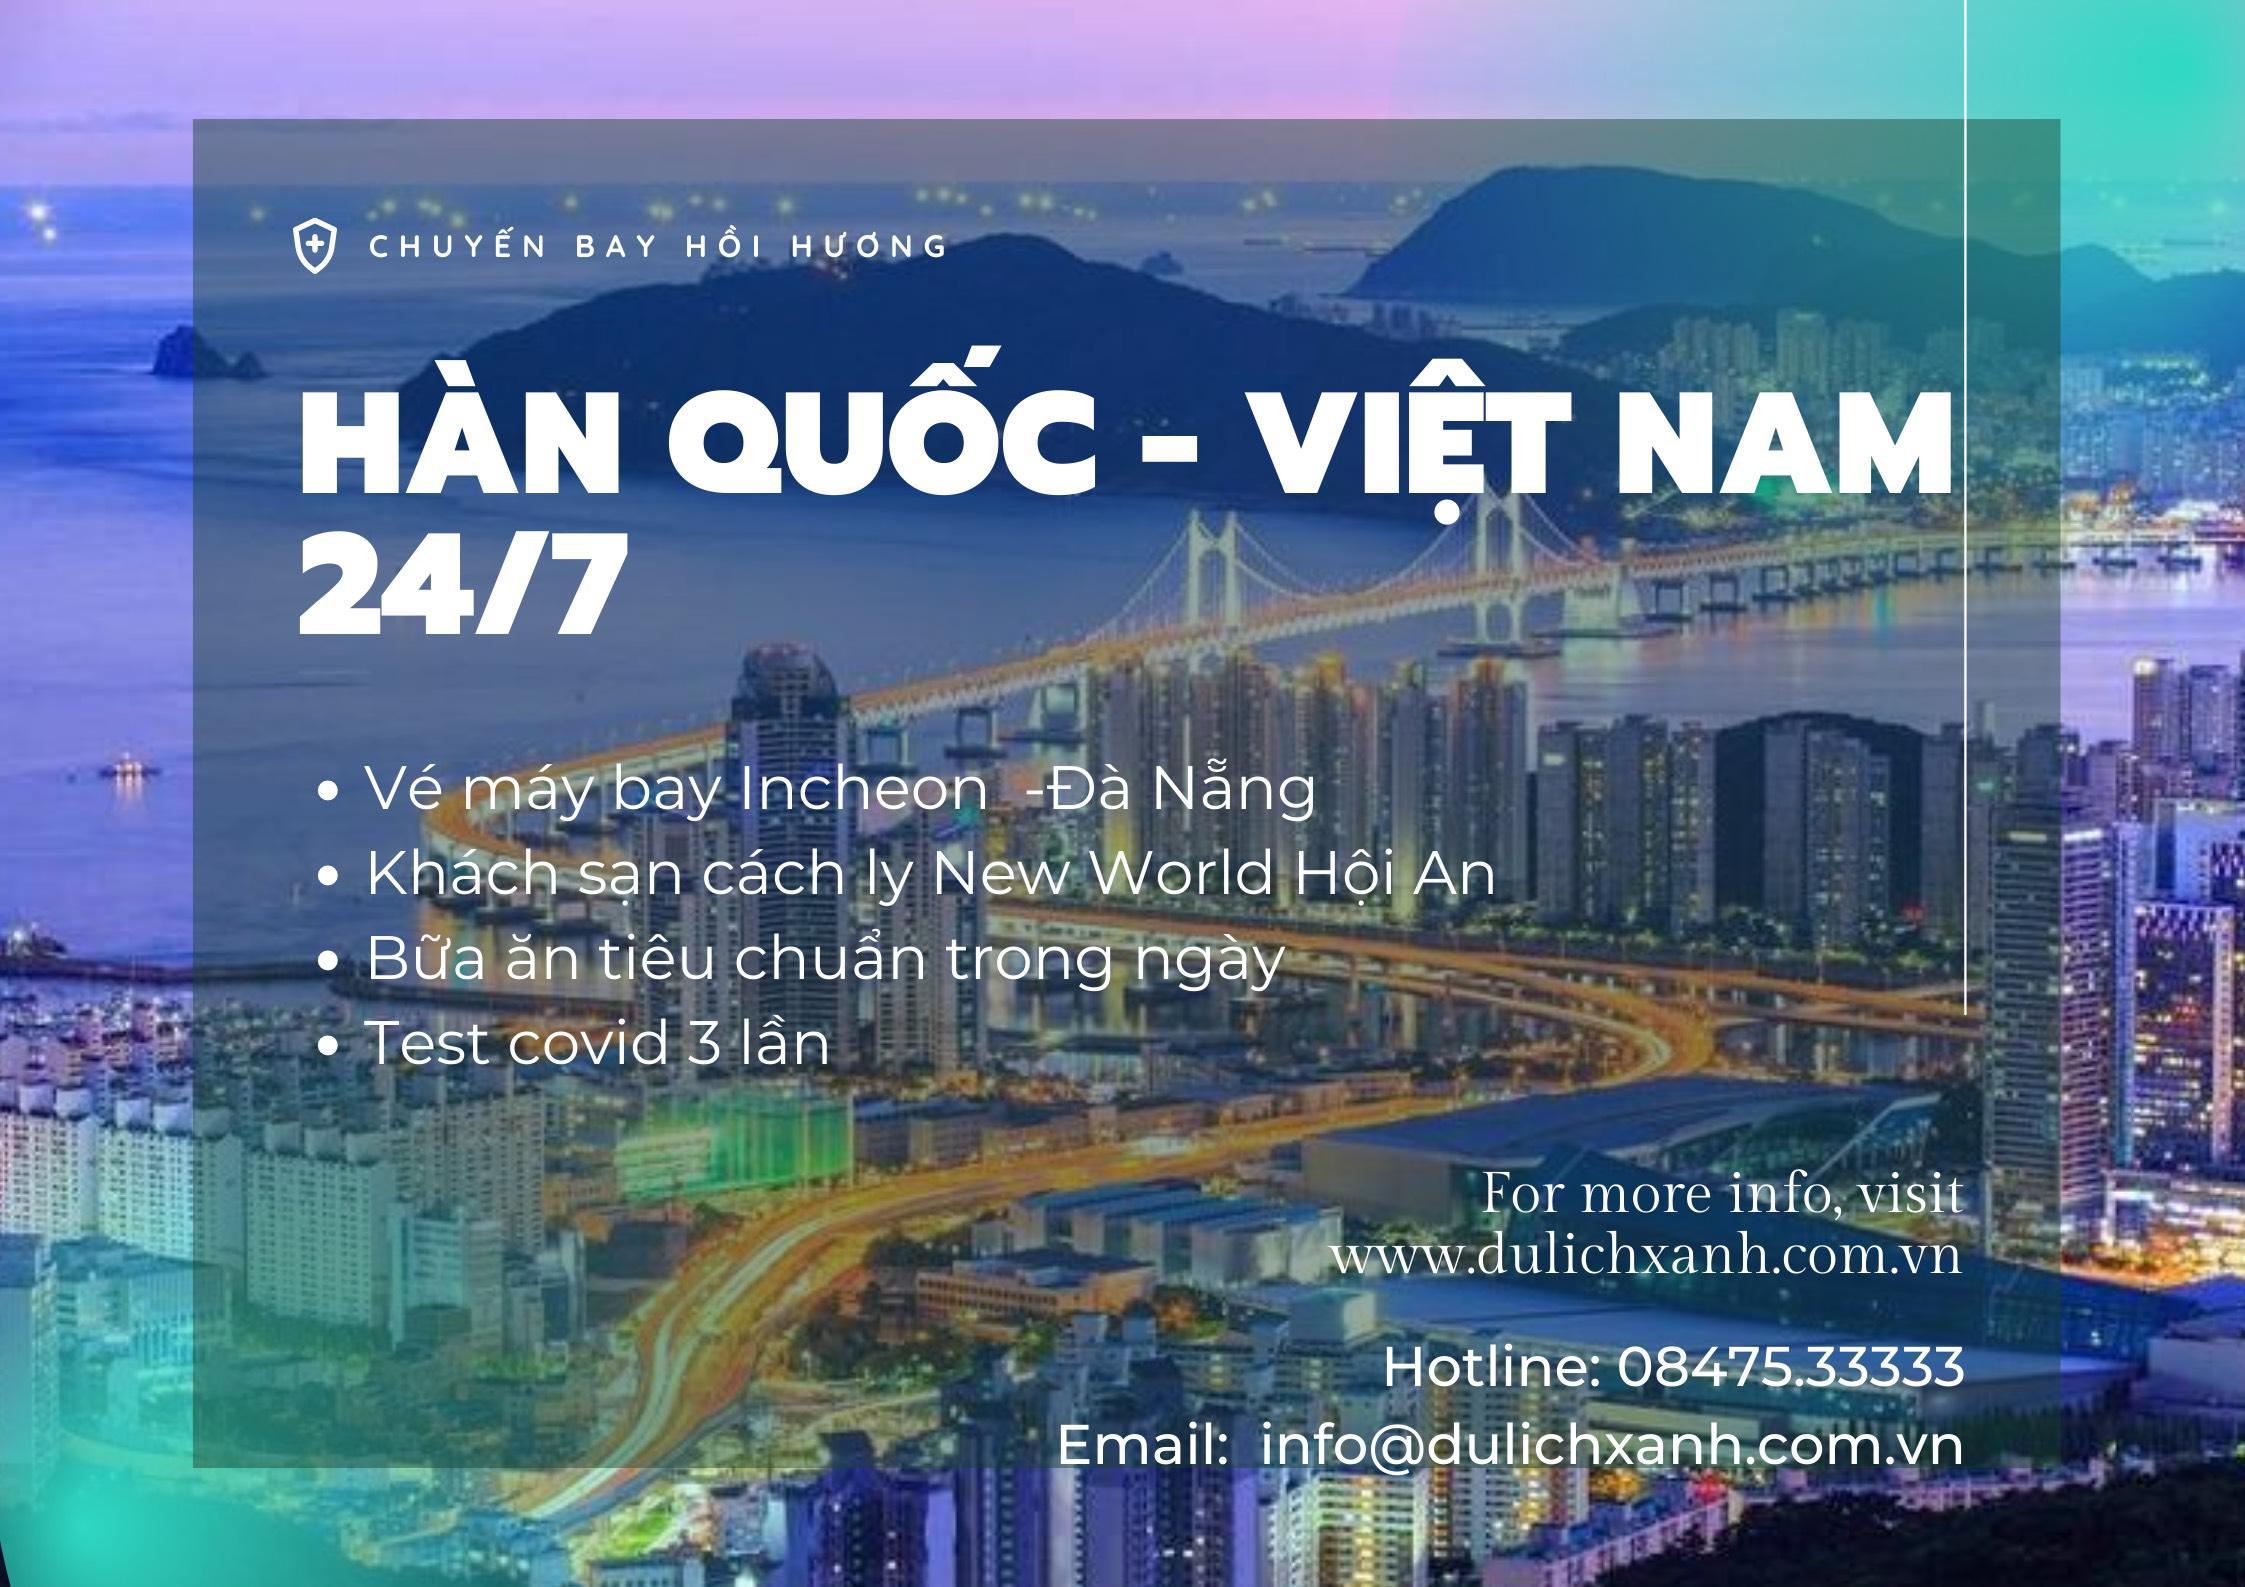 Lịch bay hồi hương cho người Việt tại Hàn Quốc 24/07